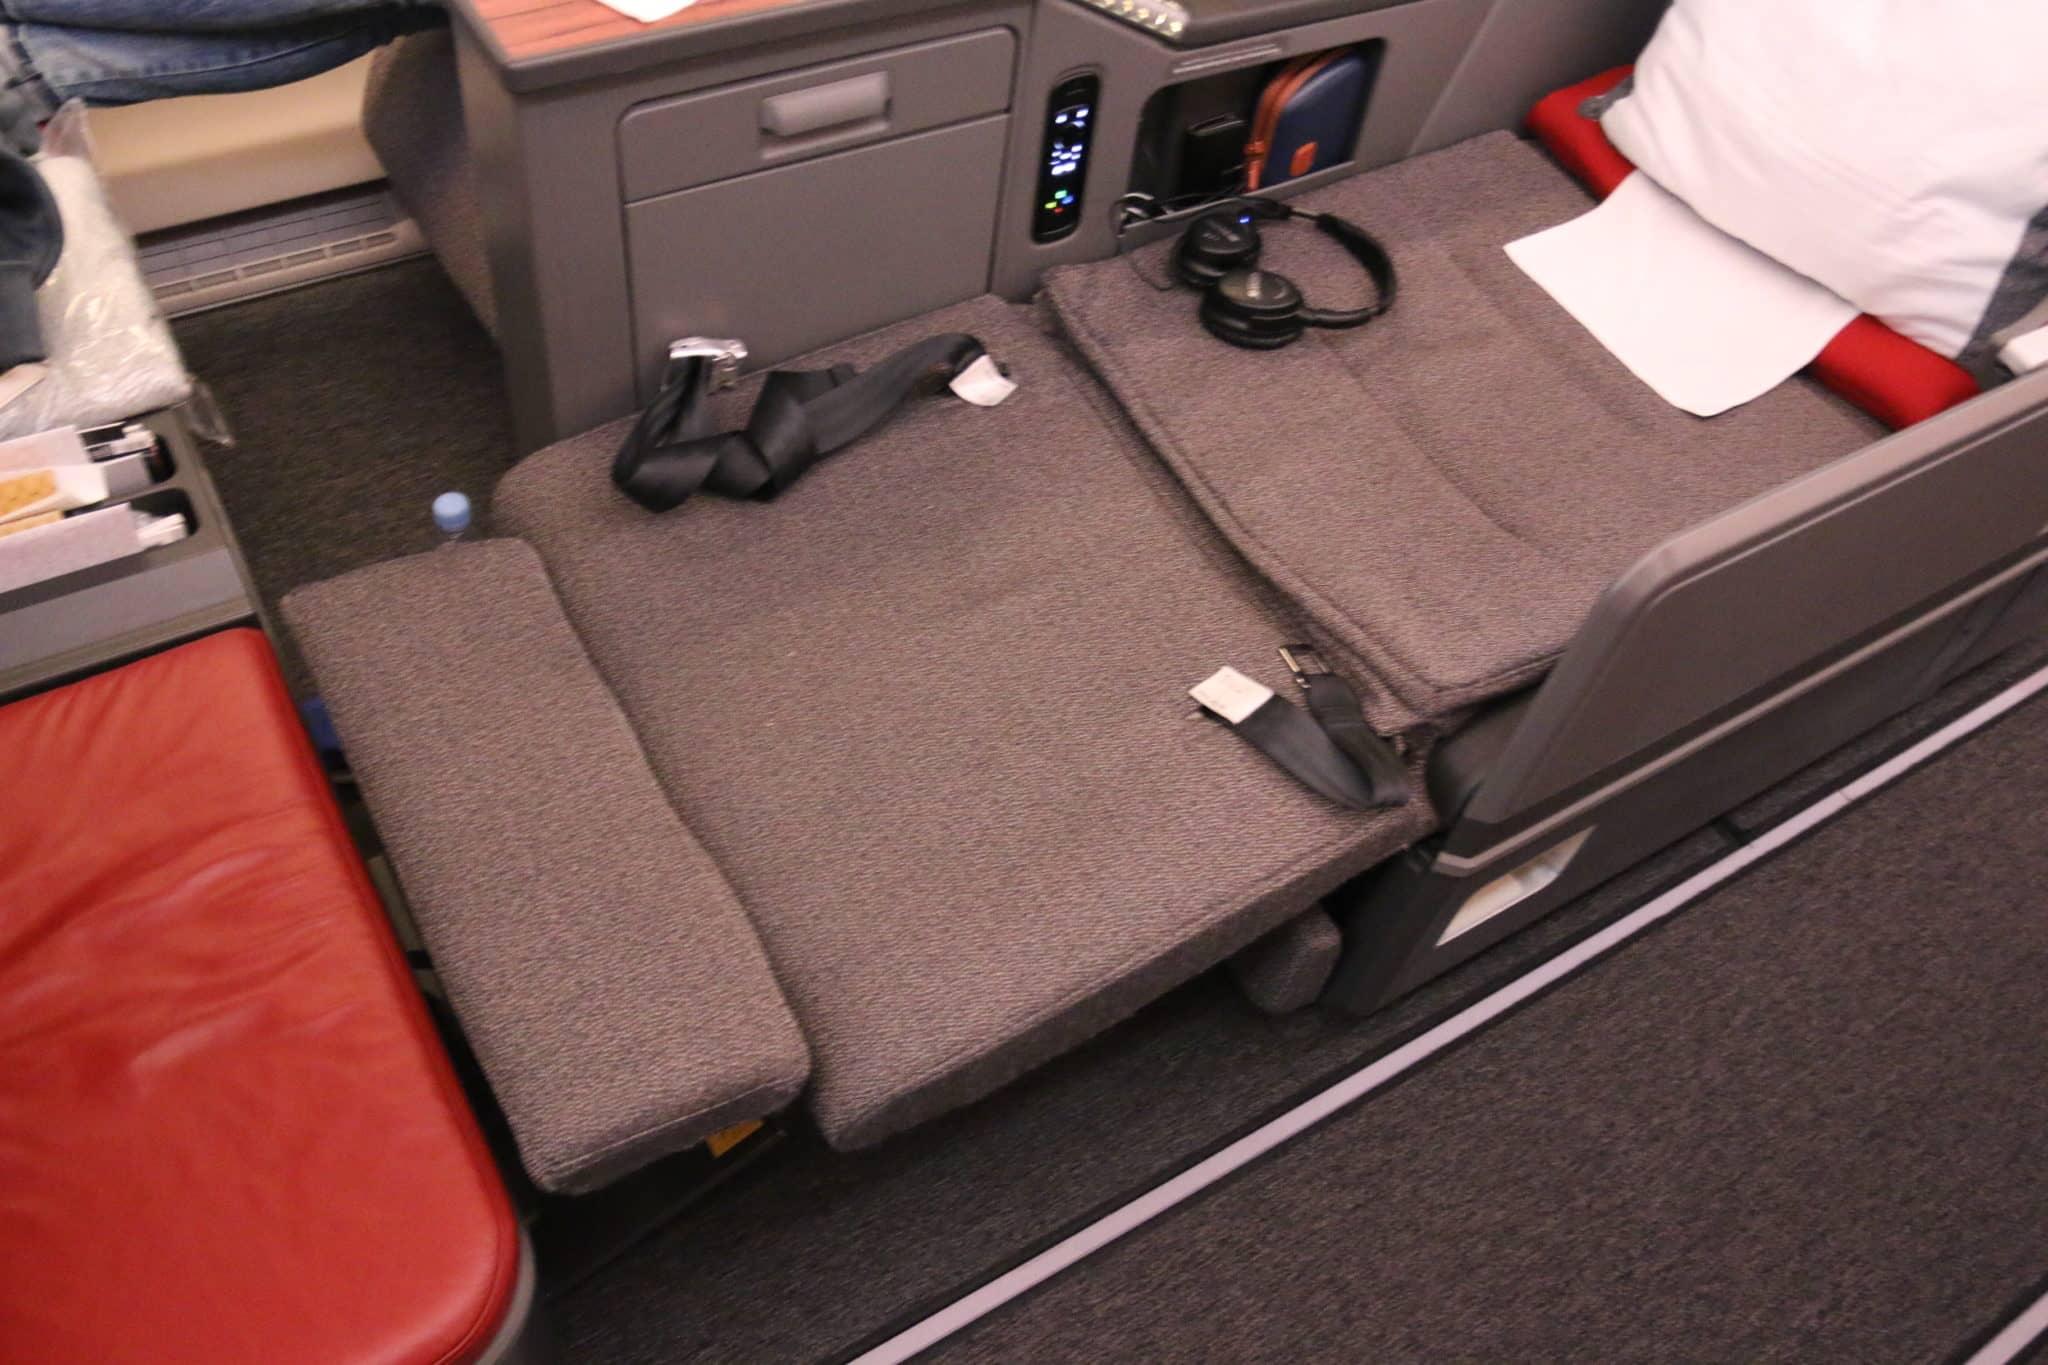 Bett an Bord des LATAM Business Class A350-900 XWB